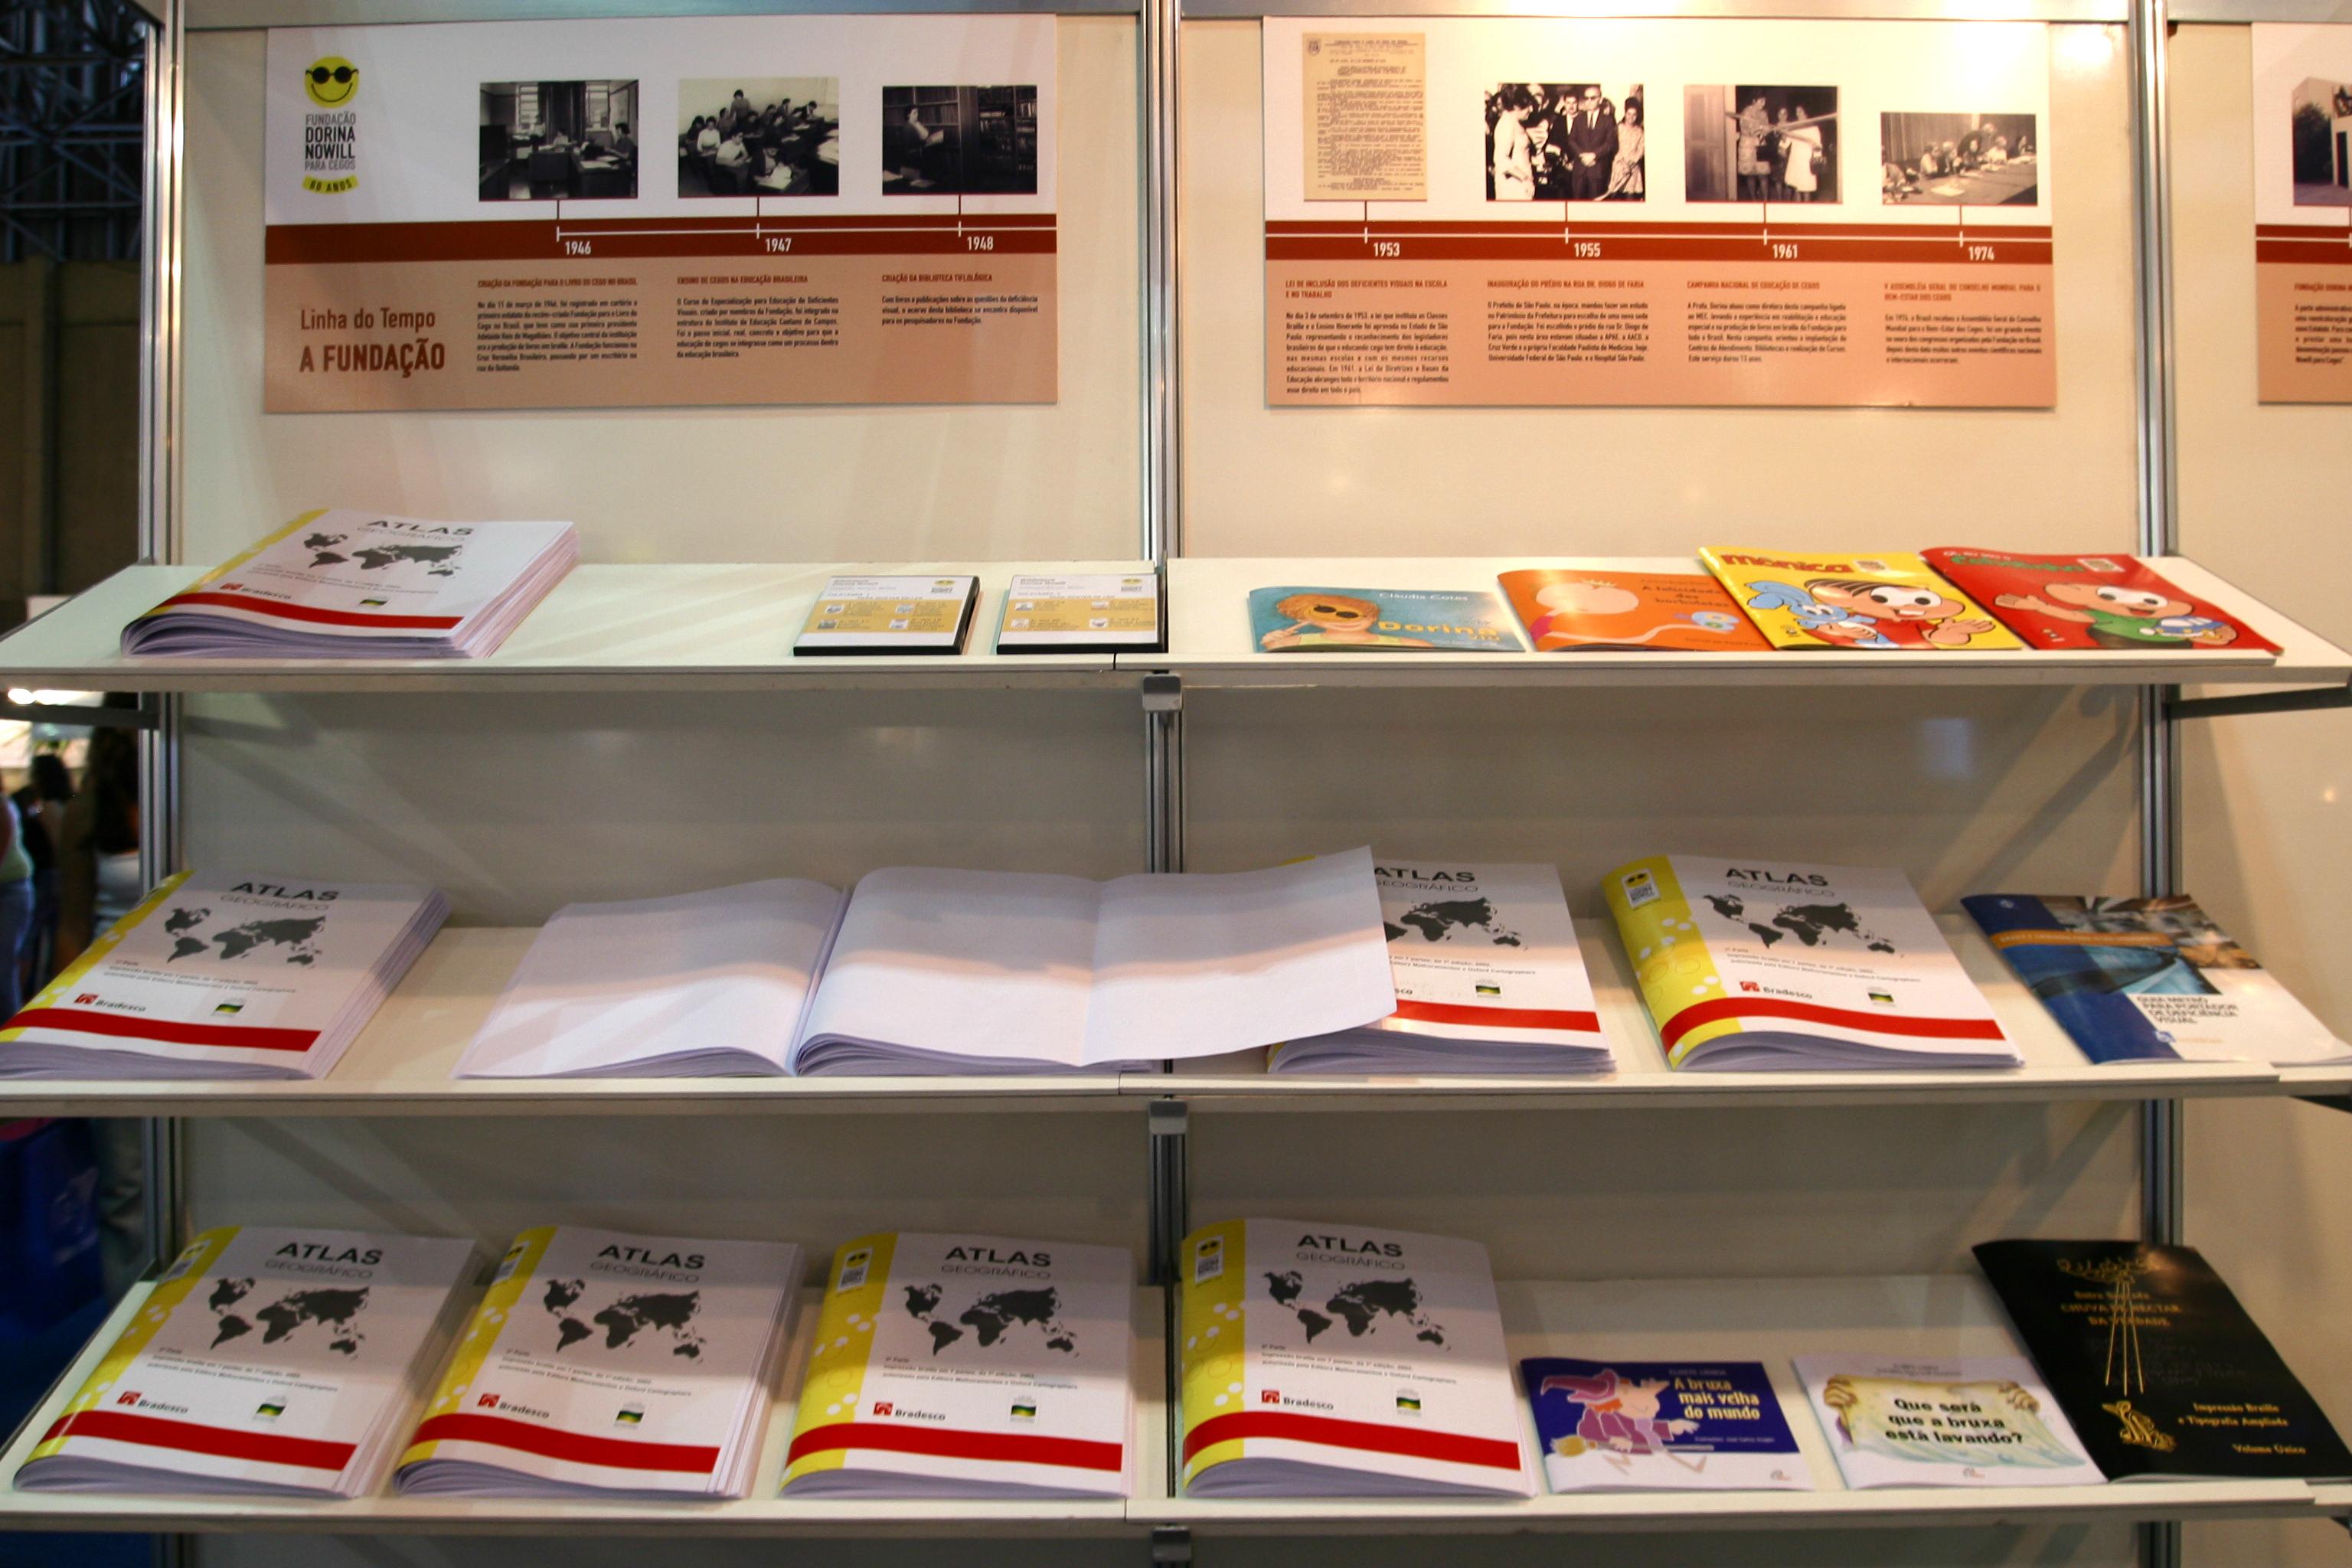 Imagem de uma estante com várias prateleiras e sobre elas vários livros em braille, desde infantis até didáticos. Acima da estante há uma linha do tempo da Fundação Dorina fixada na parede, composta por textos e imagens.